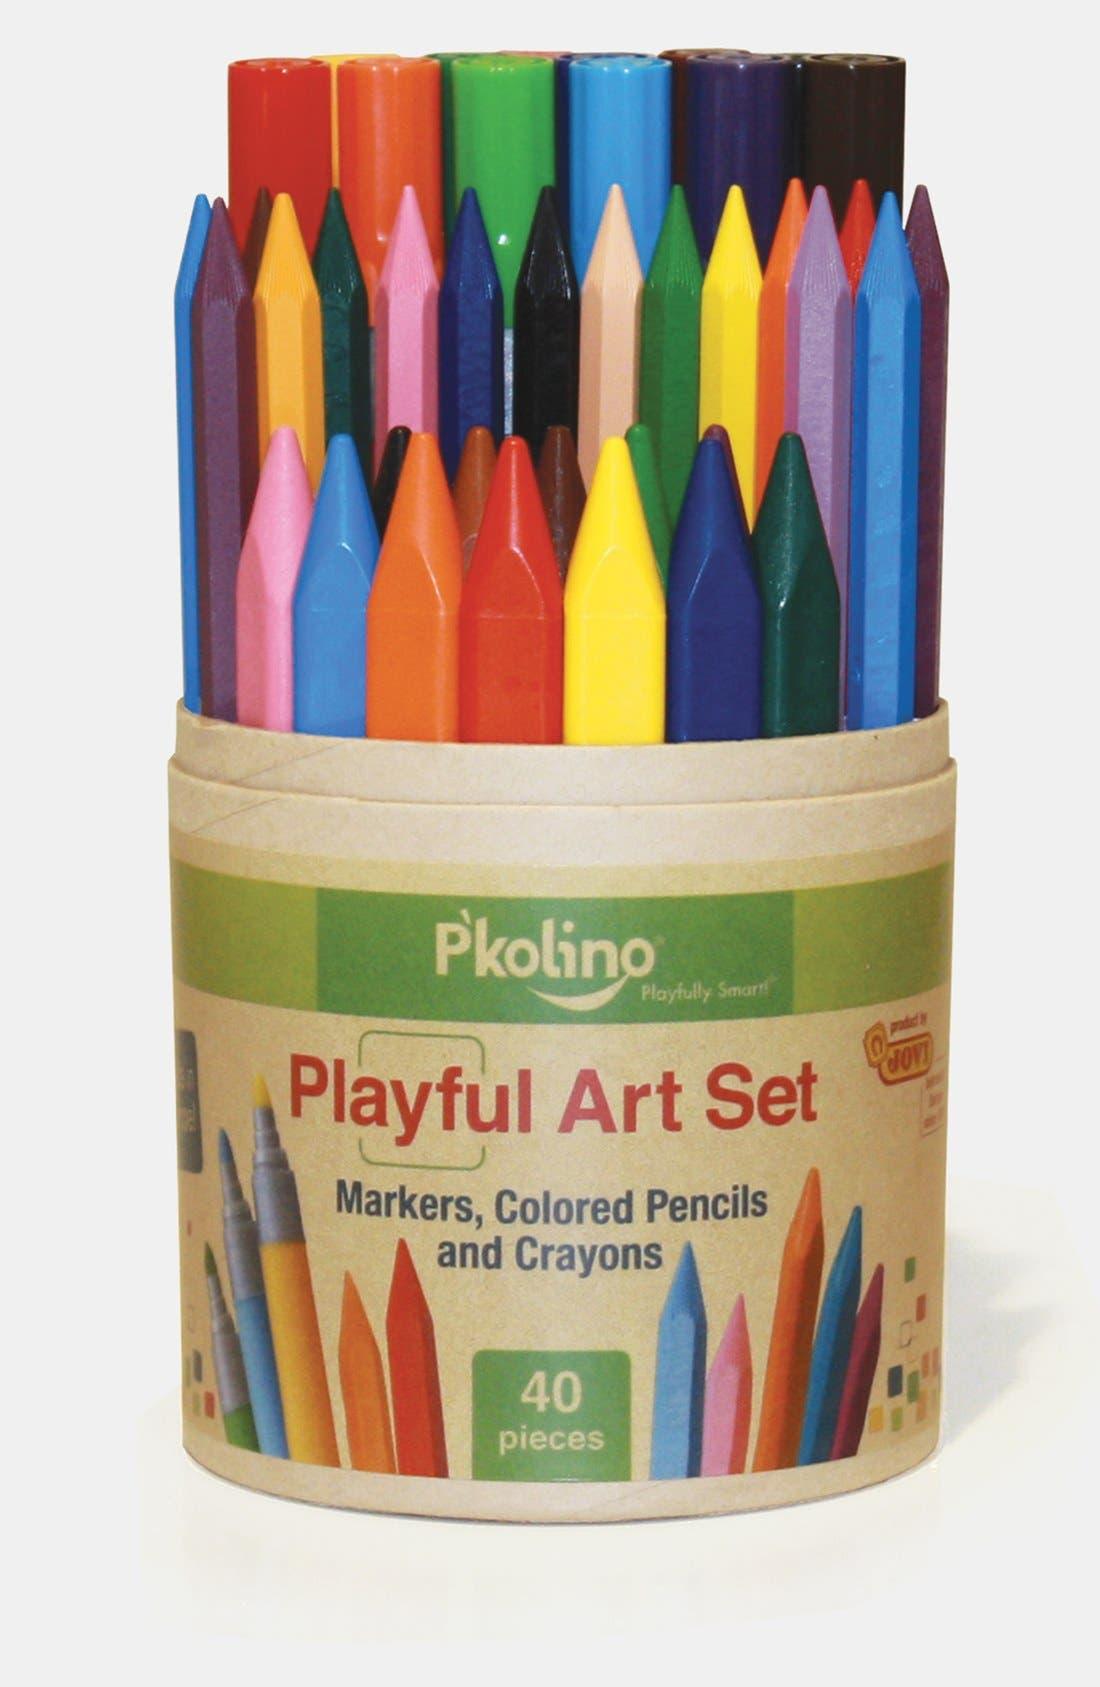 Main Image - P'kolino Playful Art Set